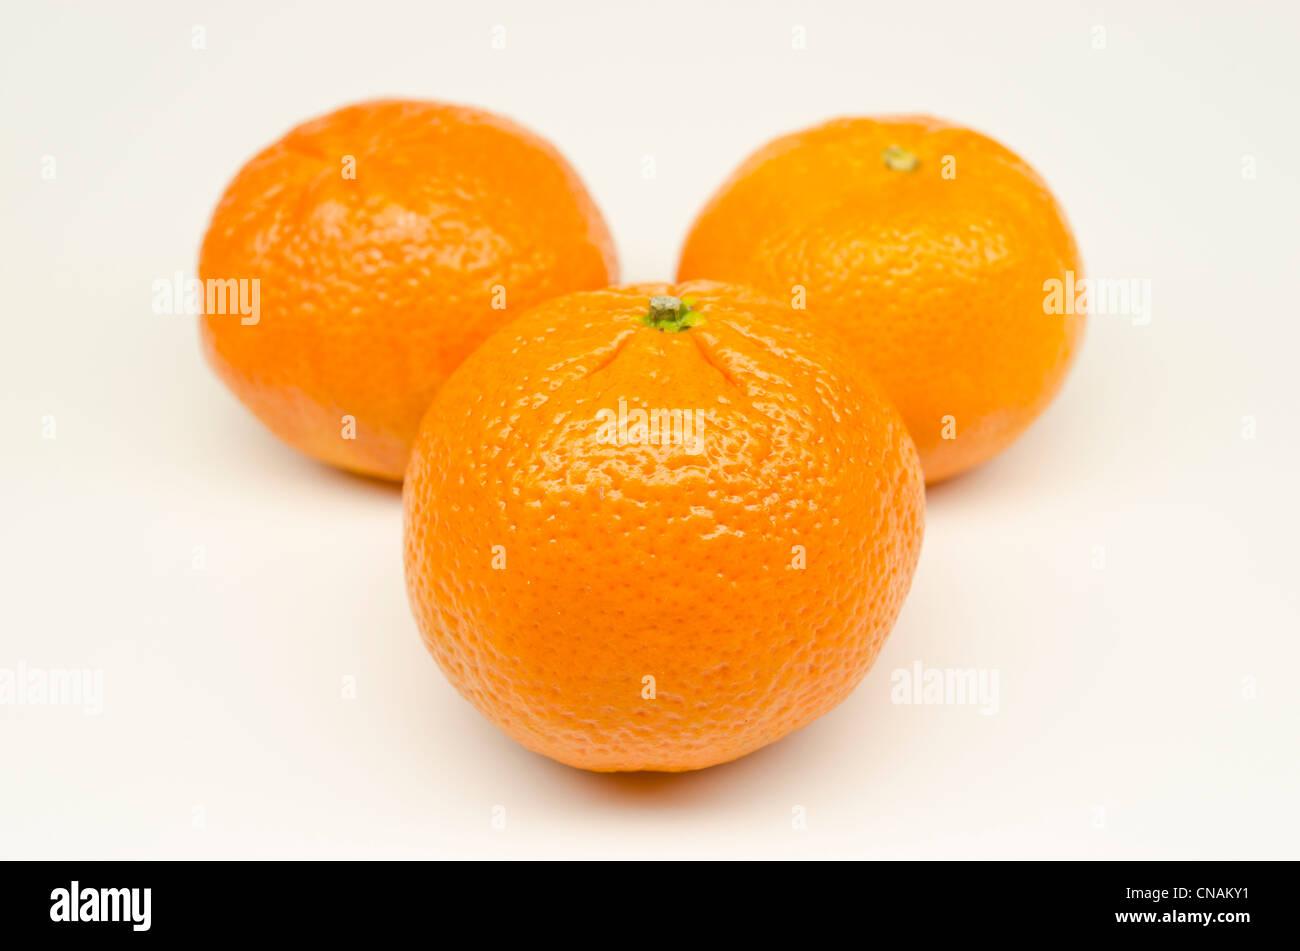 Three oranges on white background - Stock Image